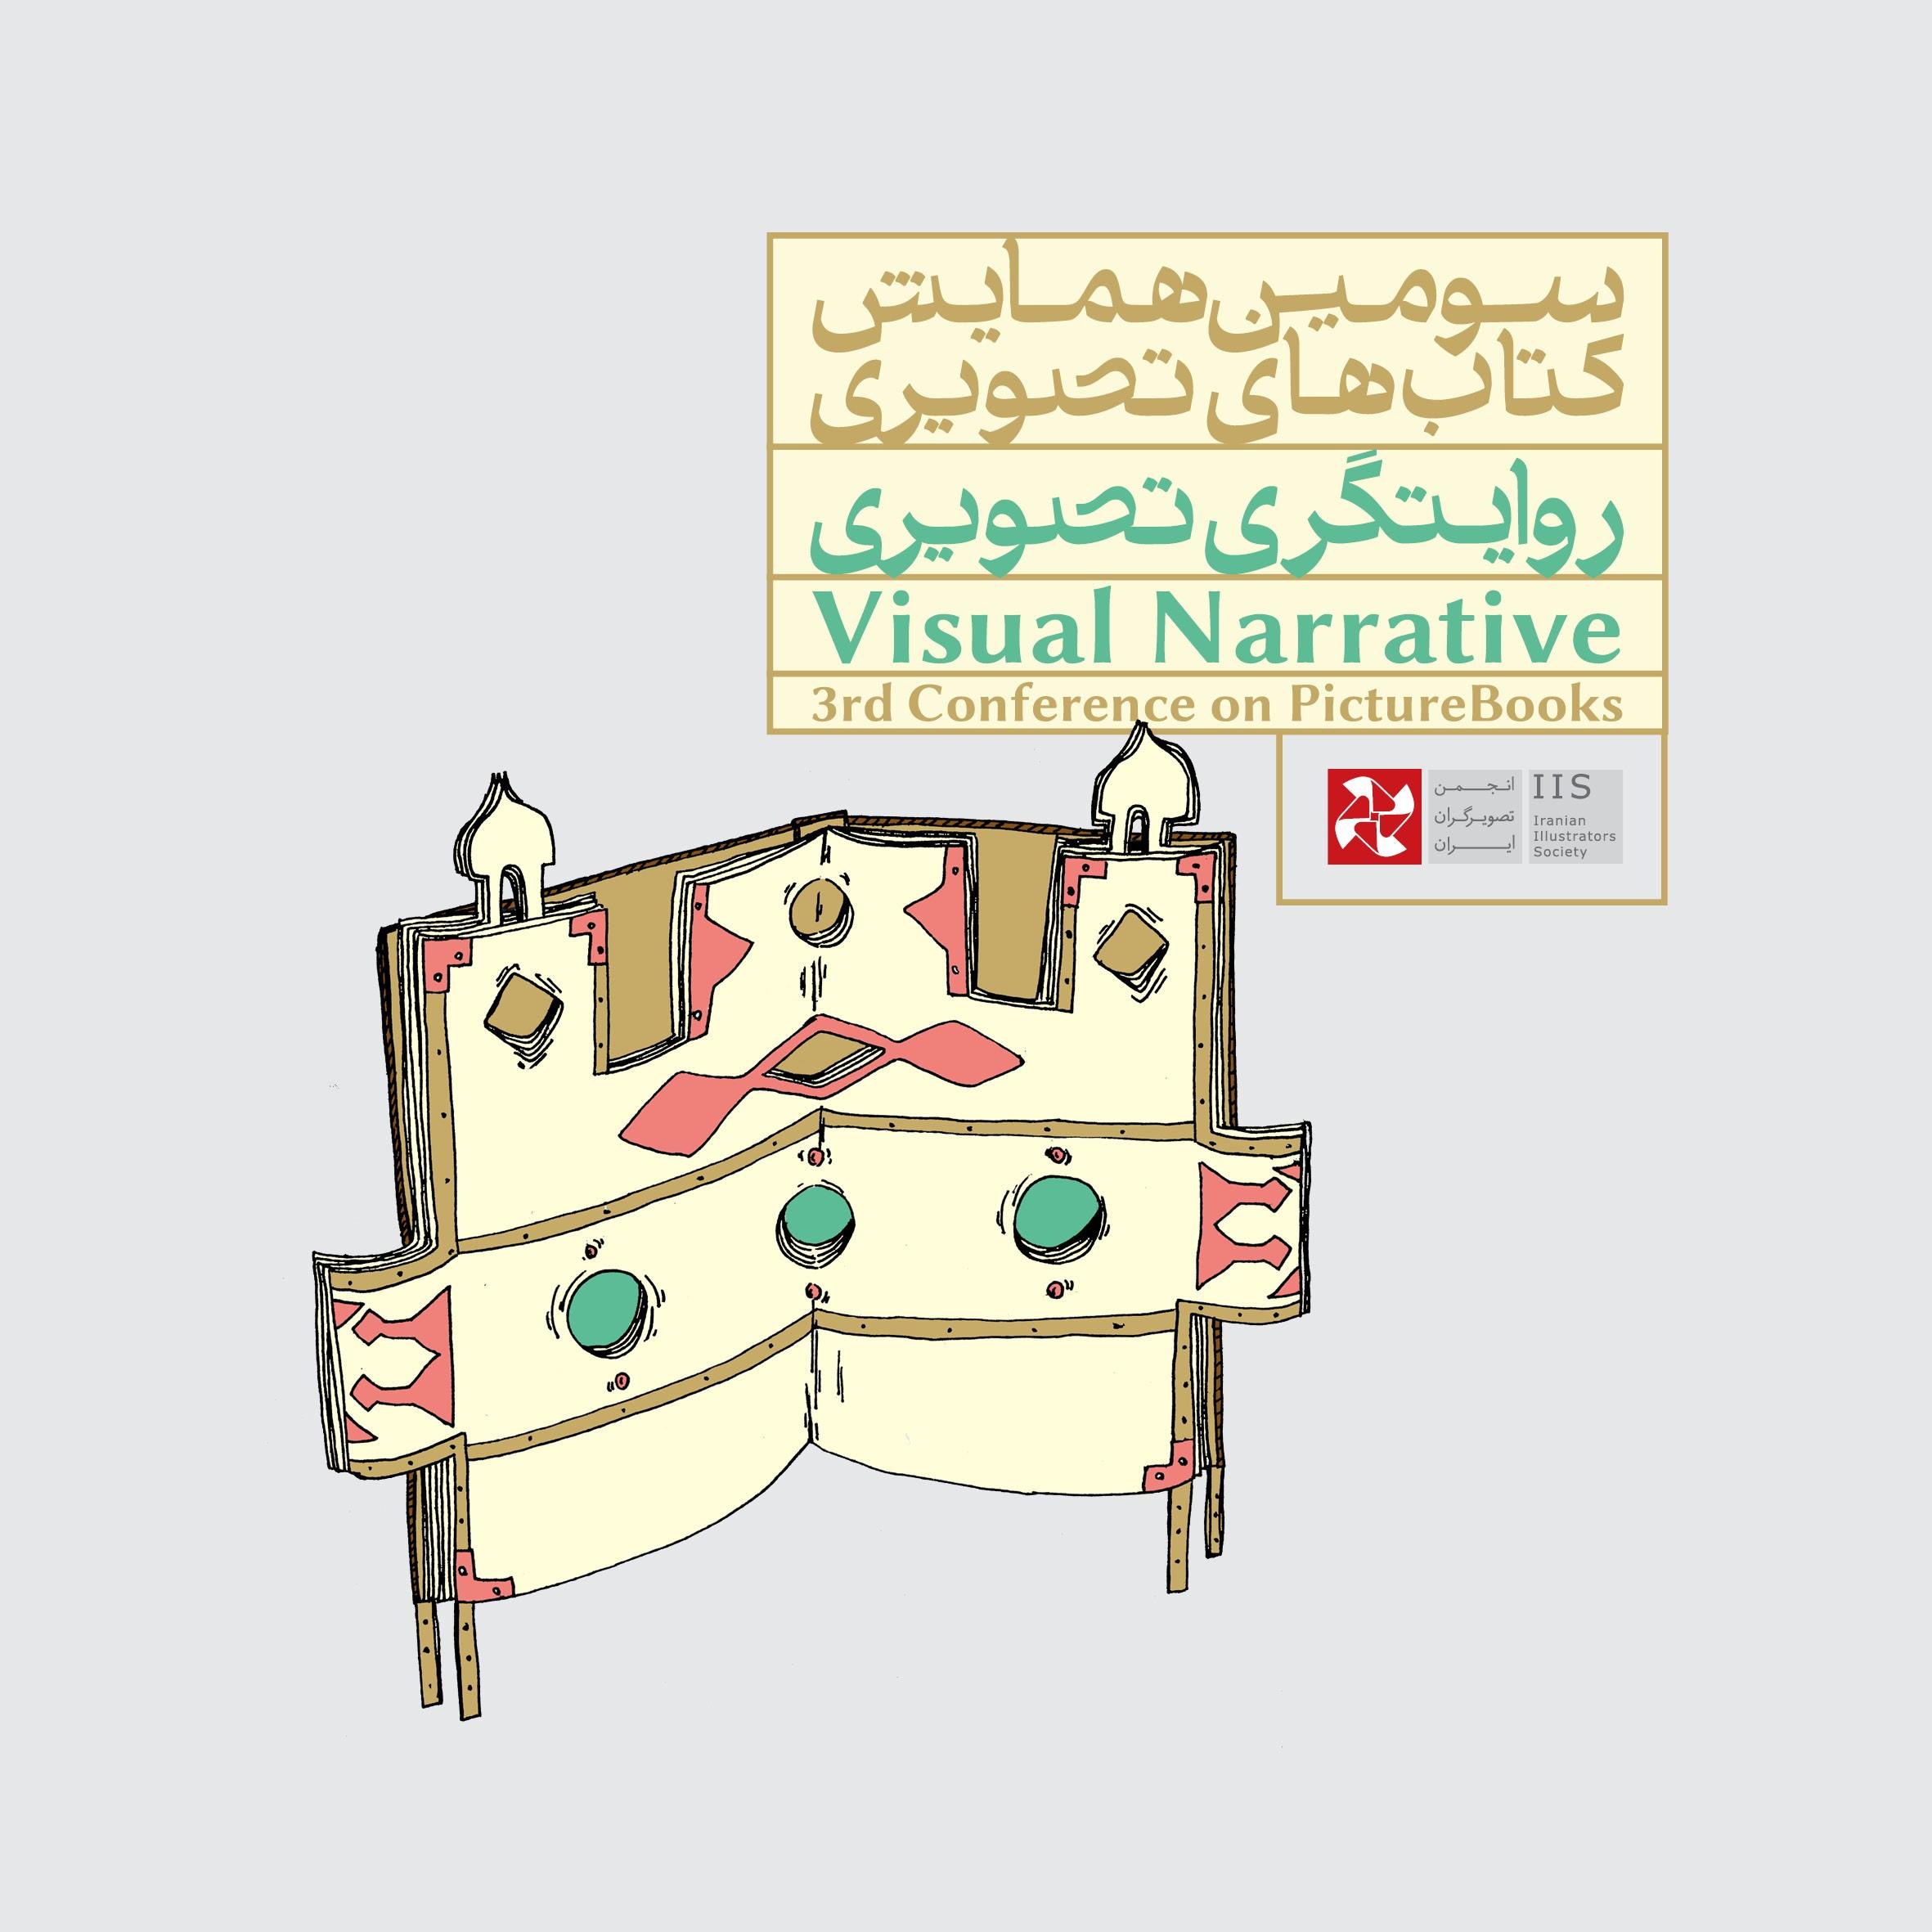 فراخوان سومین همایش کتابهای تصویری: «روایتگری تصویری»